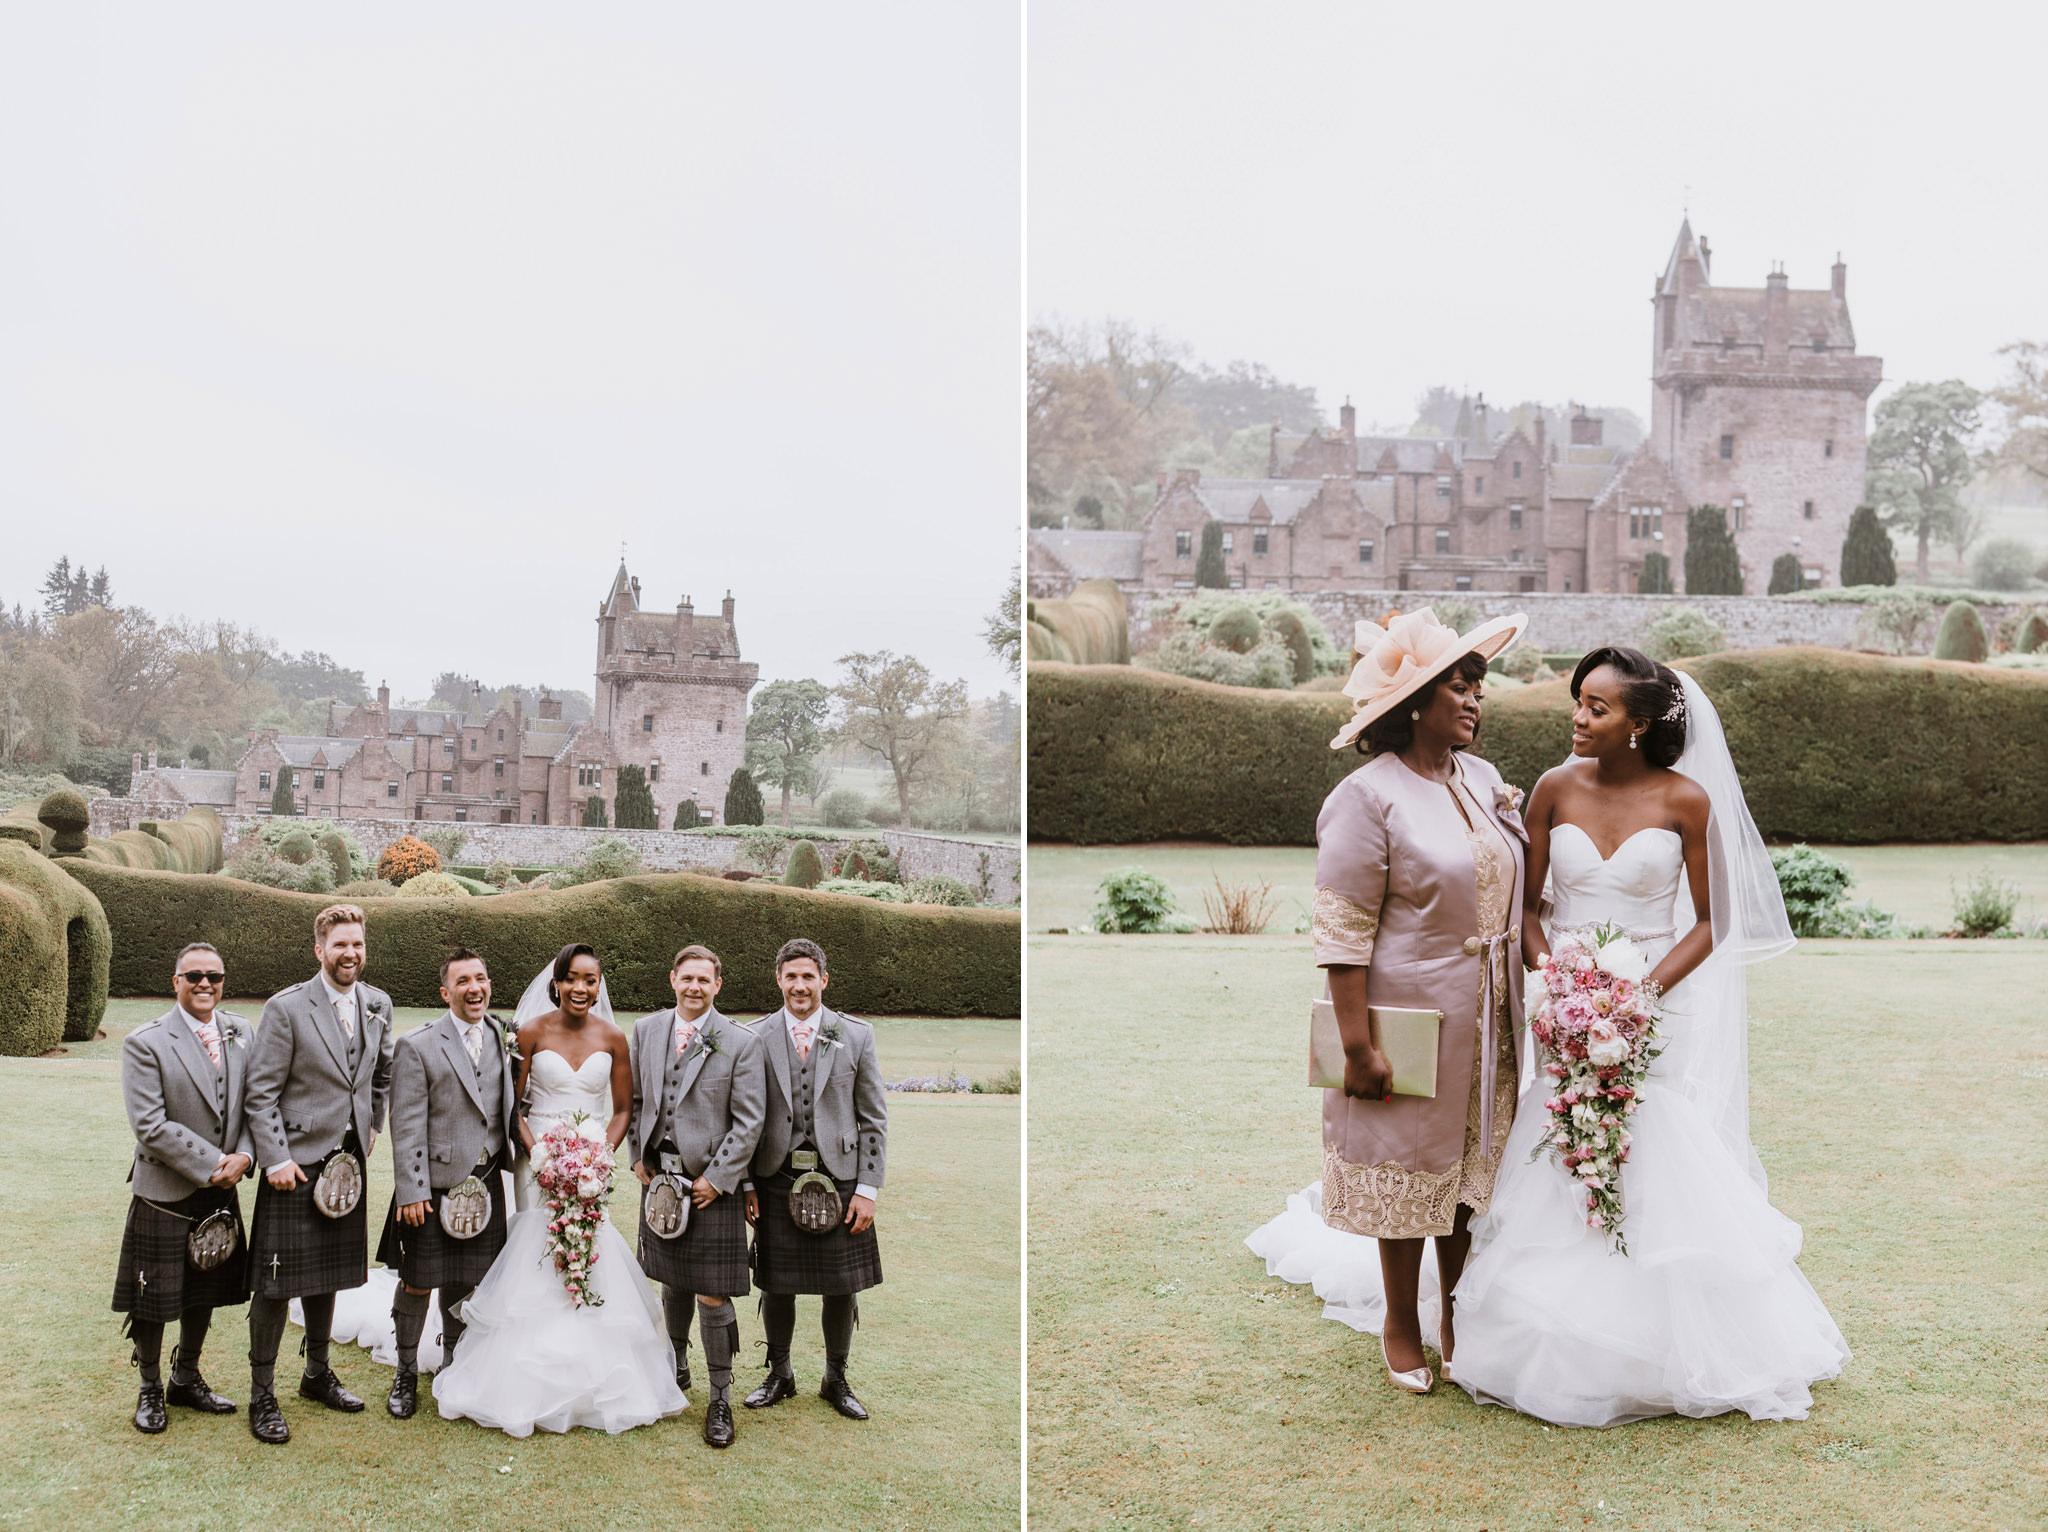 scotland-wedding-elopement-photographer-042.jpg